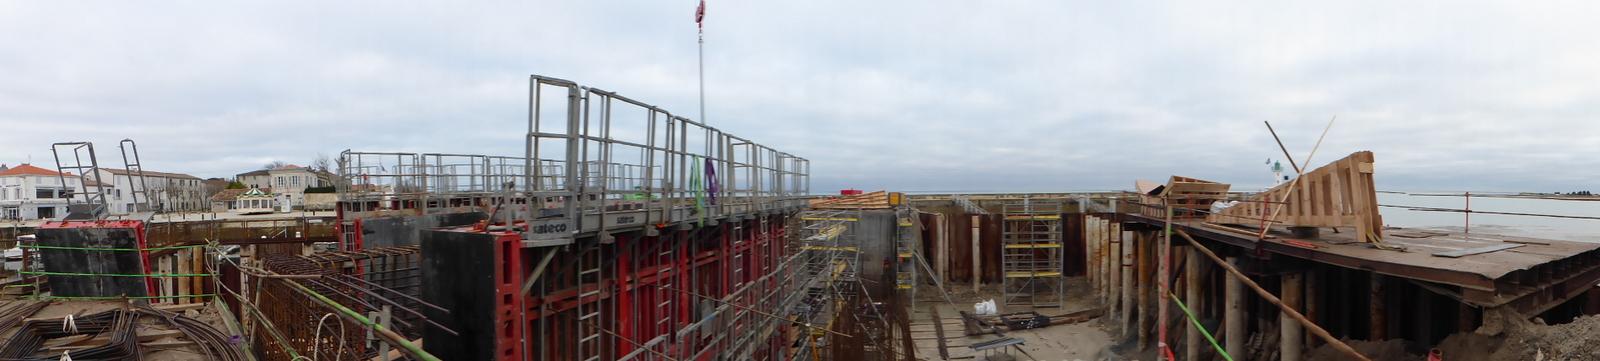 Port de la Flotte - Chantier porte - 5 février 2016